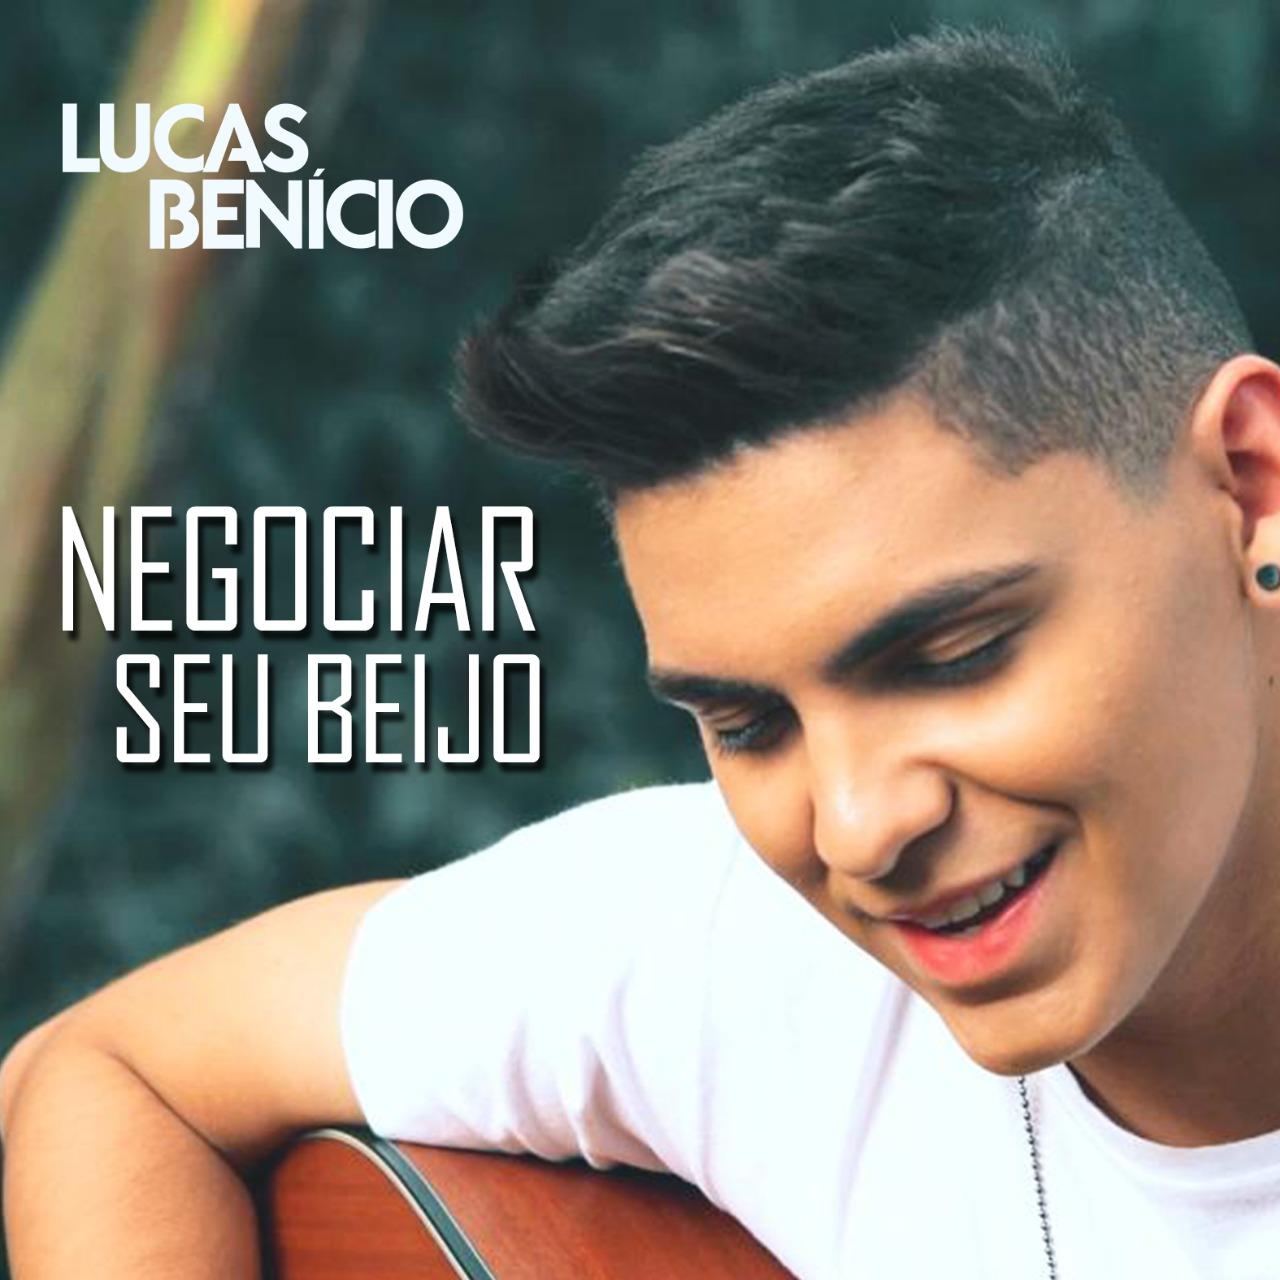 """Lucas Benício de clipe novo. Confira """"Negociar seu Beijo"""""""